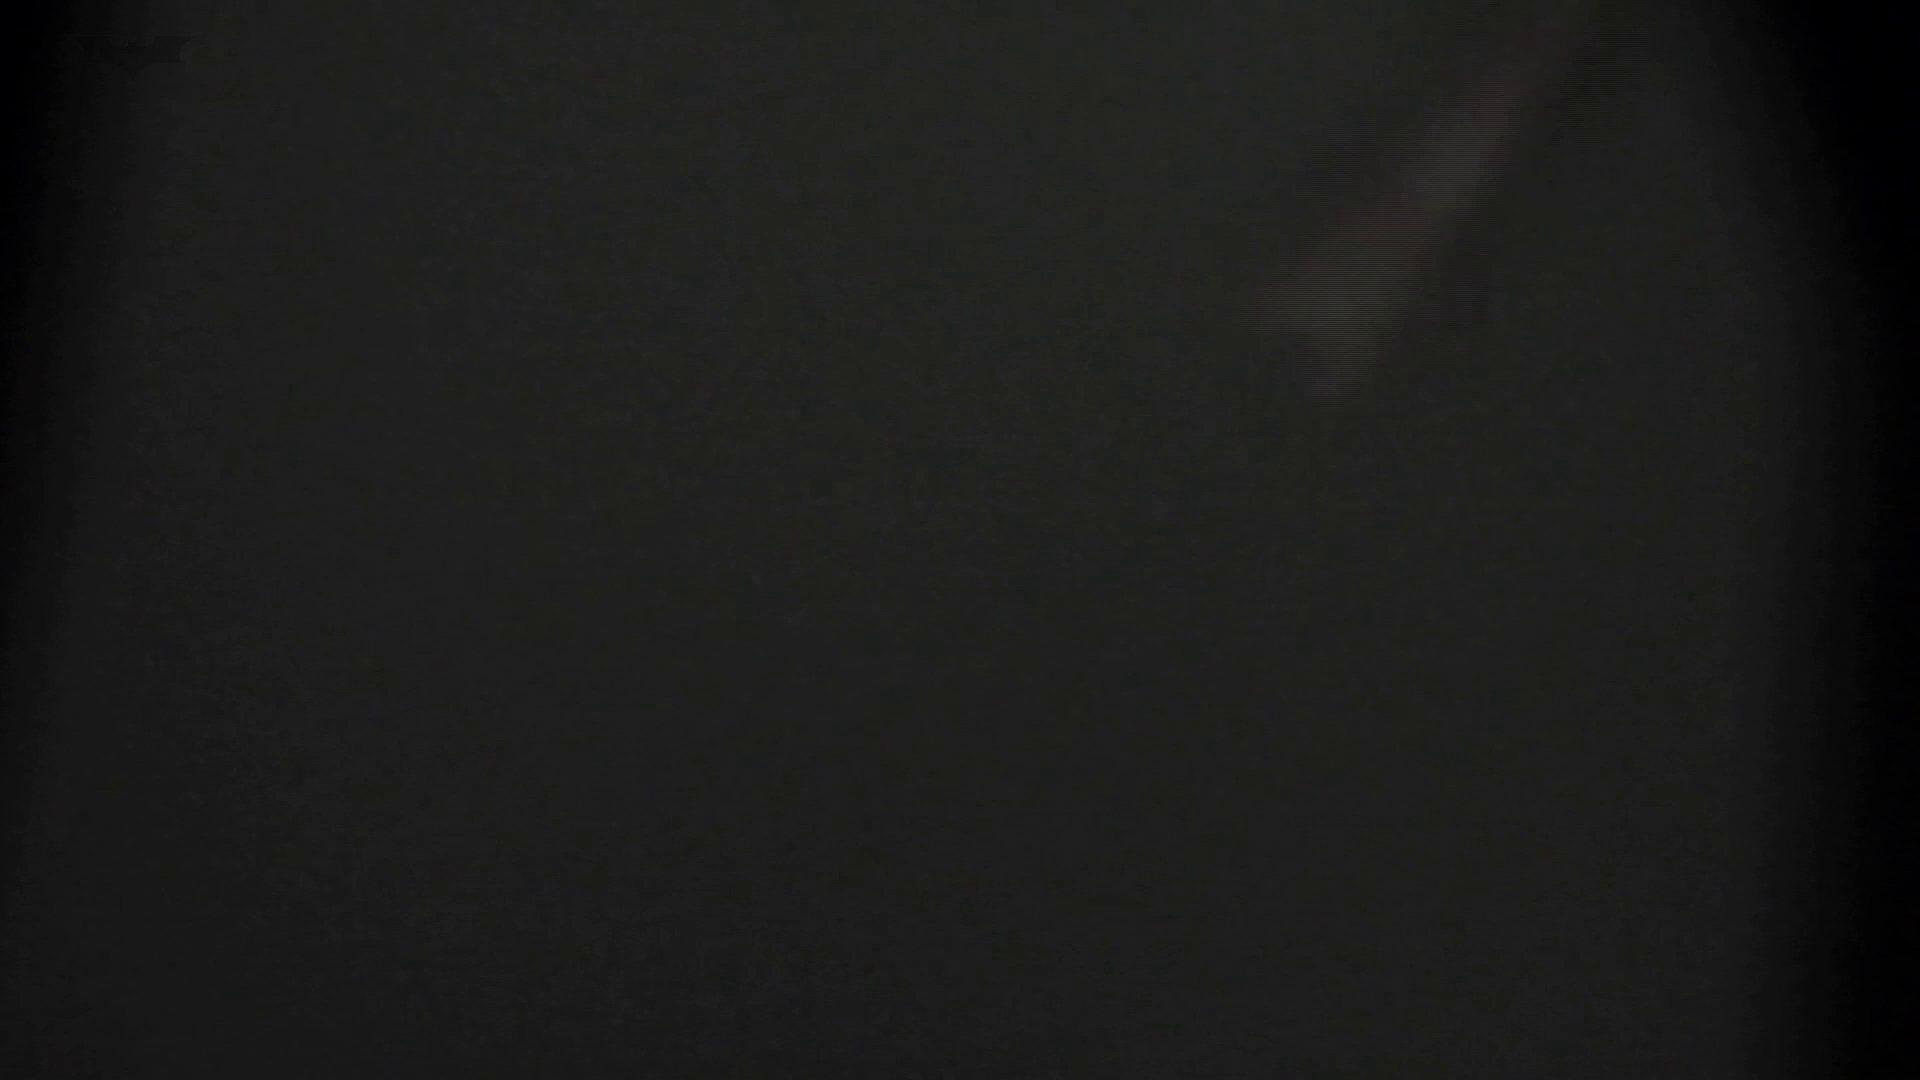 世界の射窓から ステーション編 vol.4 細身女性 オメコ動画キャプチャ 106画像 104